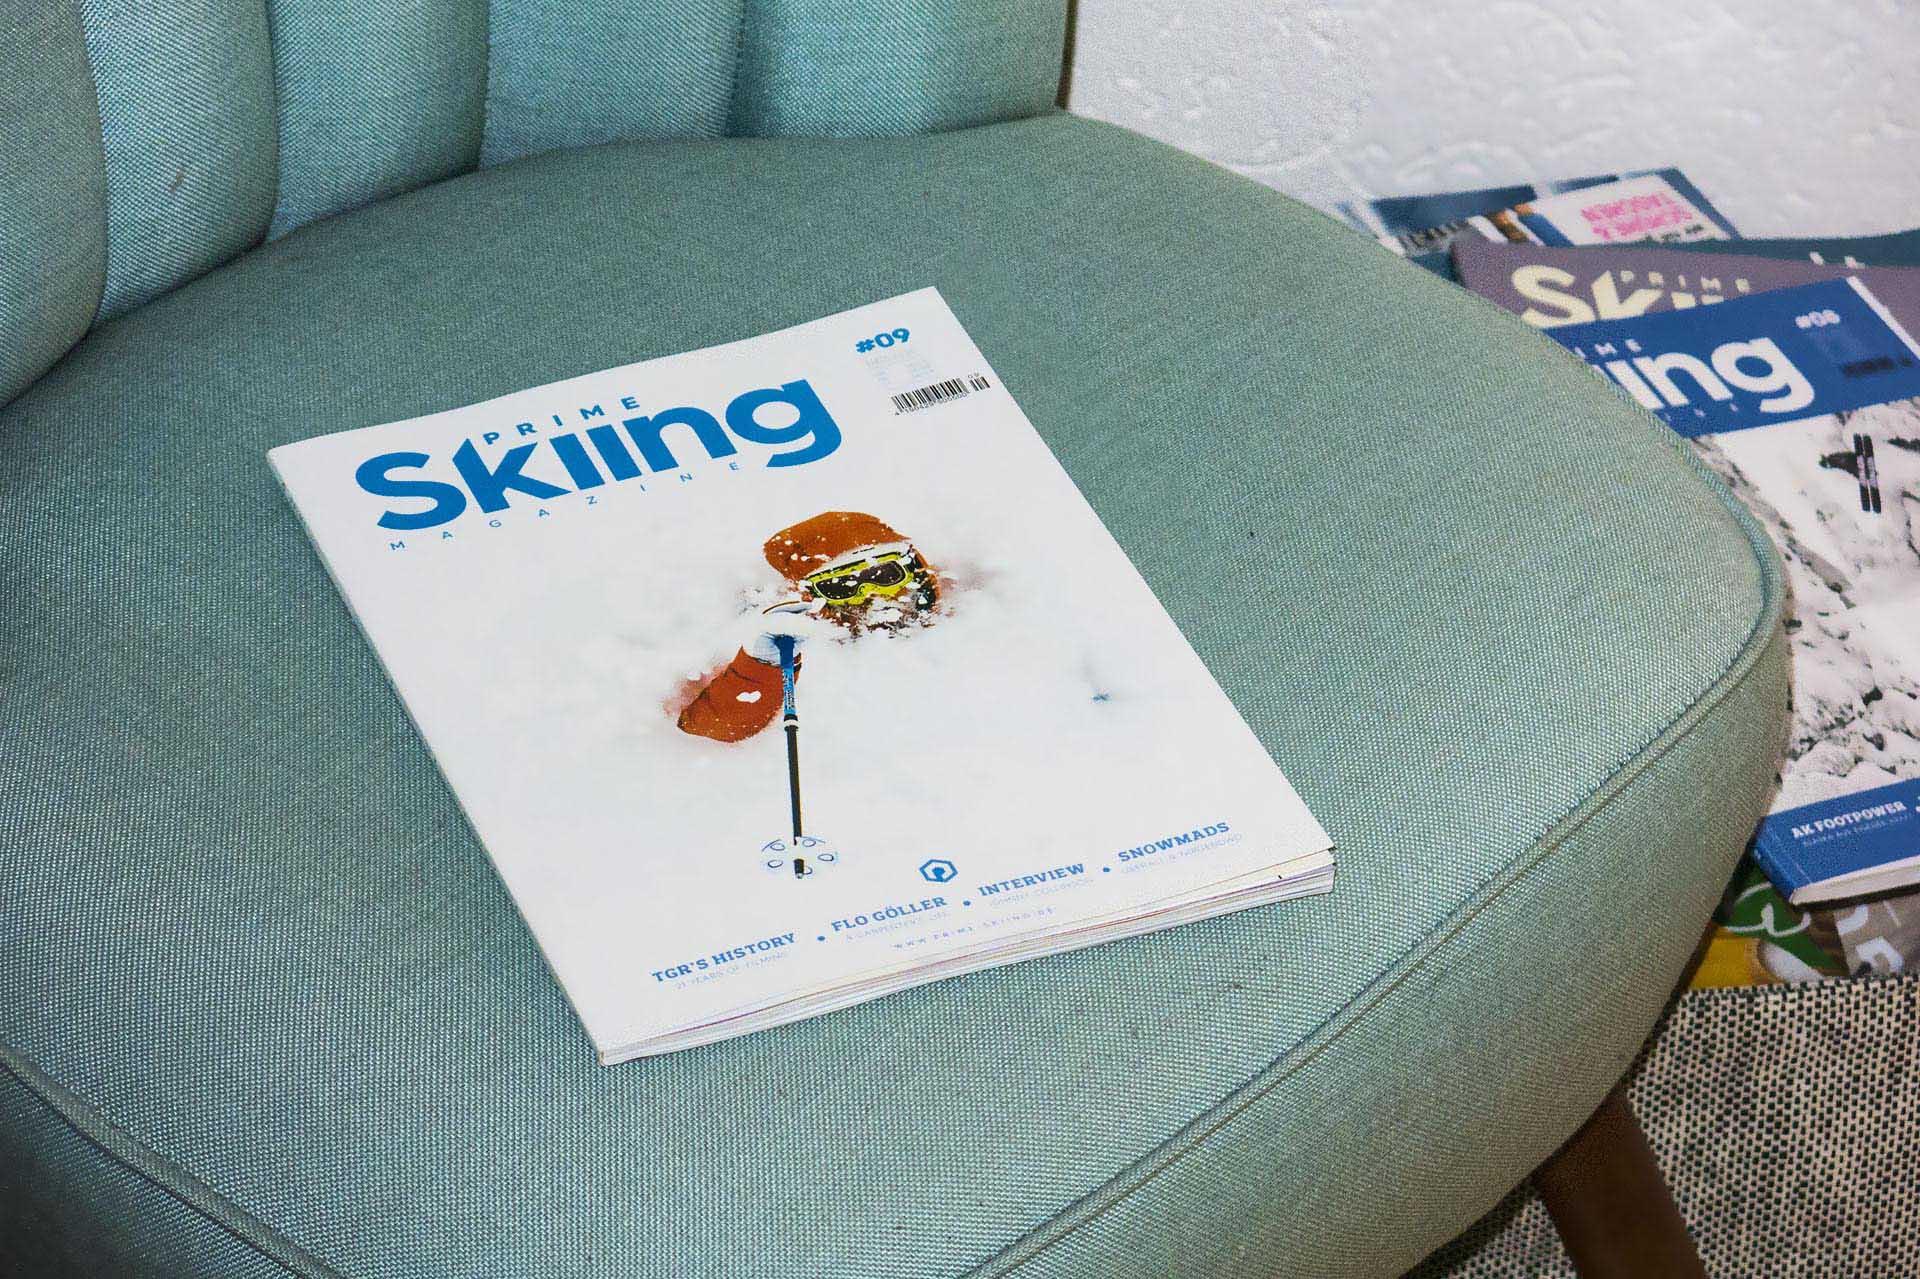 Prime Skiing #09 – Jetzt am Kiosk!